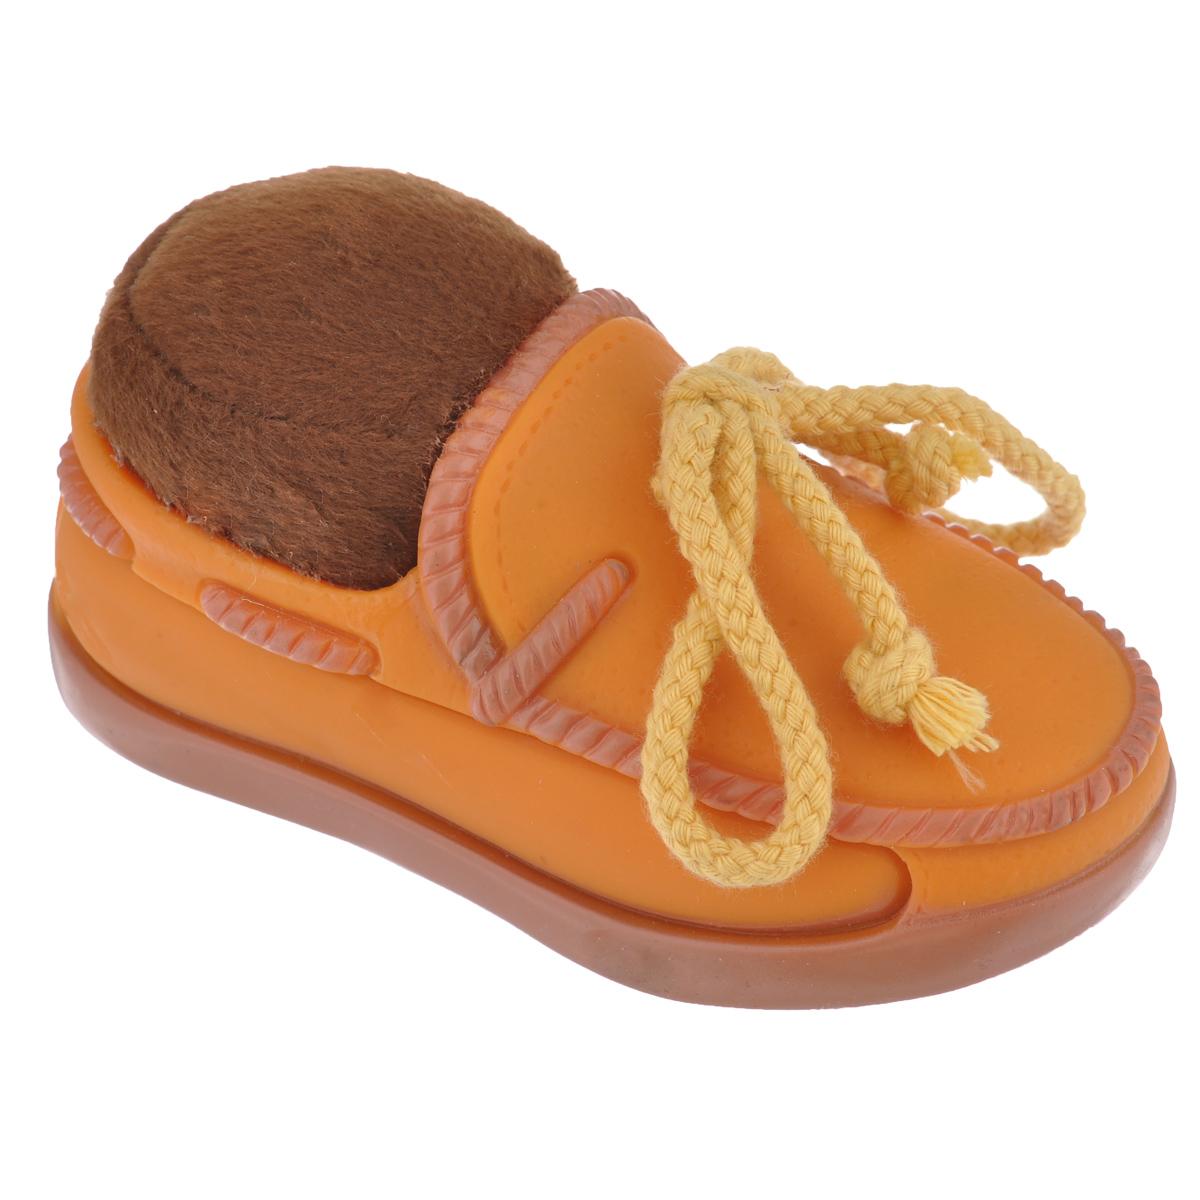 Игрушка для собак Beeztees Изящный ботинок, цвет: оранжевый0120710Игрушка Beeztees Изящный ботинок изготовлена из винила и текстиля, с использованием только безопасных, не токсичных красителей. Великолепно подходит для игры и массажа десен вашей собаки. Такая игрушка порадует вашего любимца, а вам доставит массу приятных эмоций, ведь наблюдать за игрой всегда интересно и приятно.